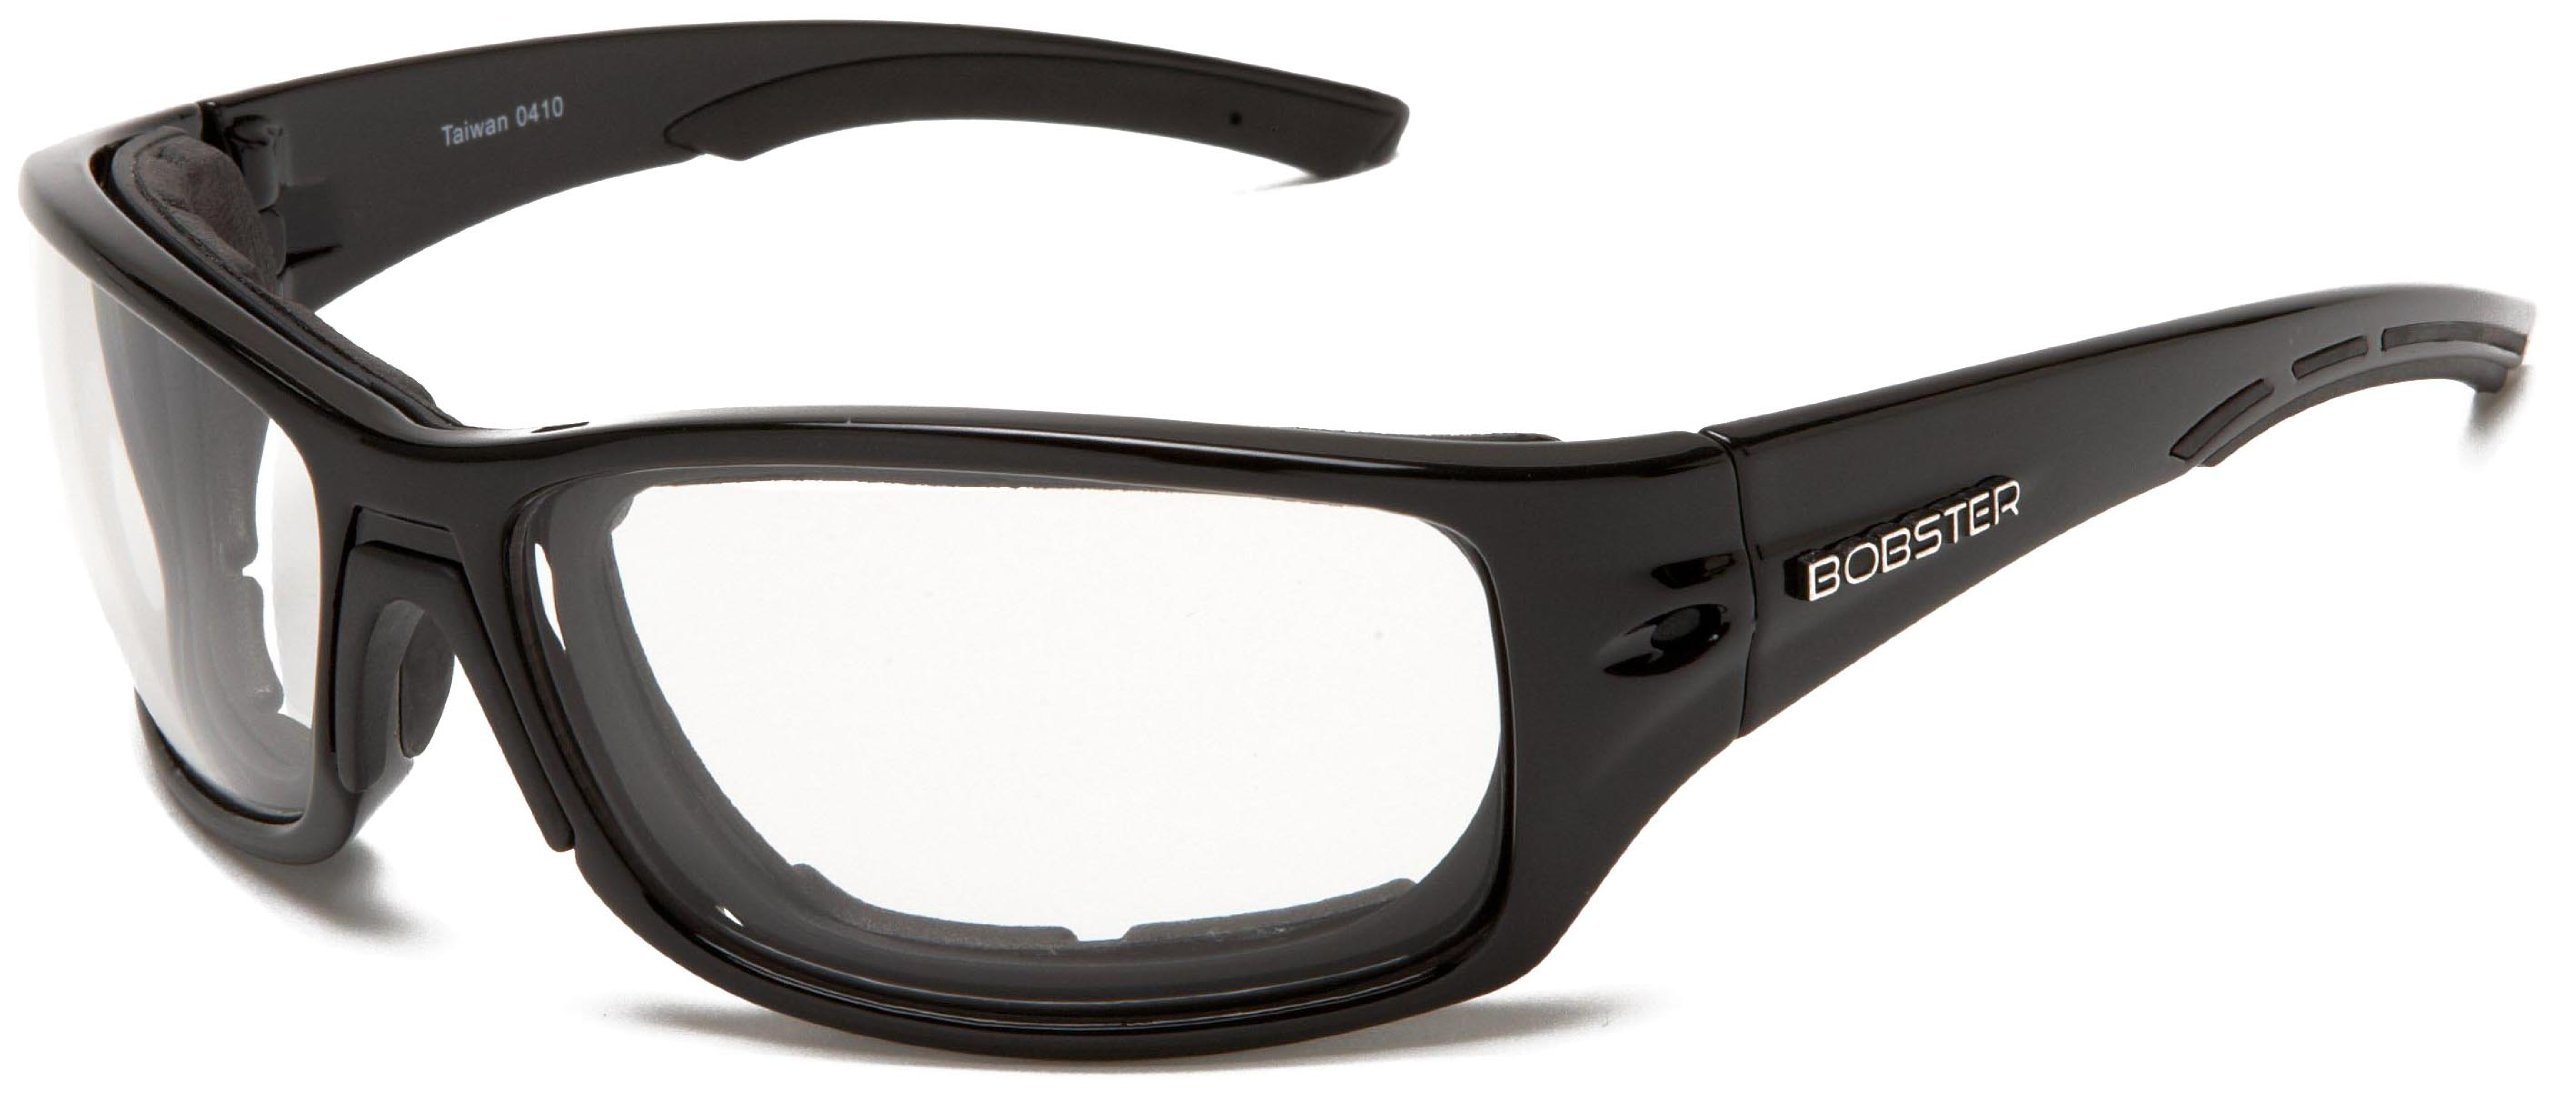 Bobster Rukus Photochromic Sunglasses, Black Frame/Smoke Lens